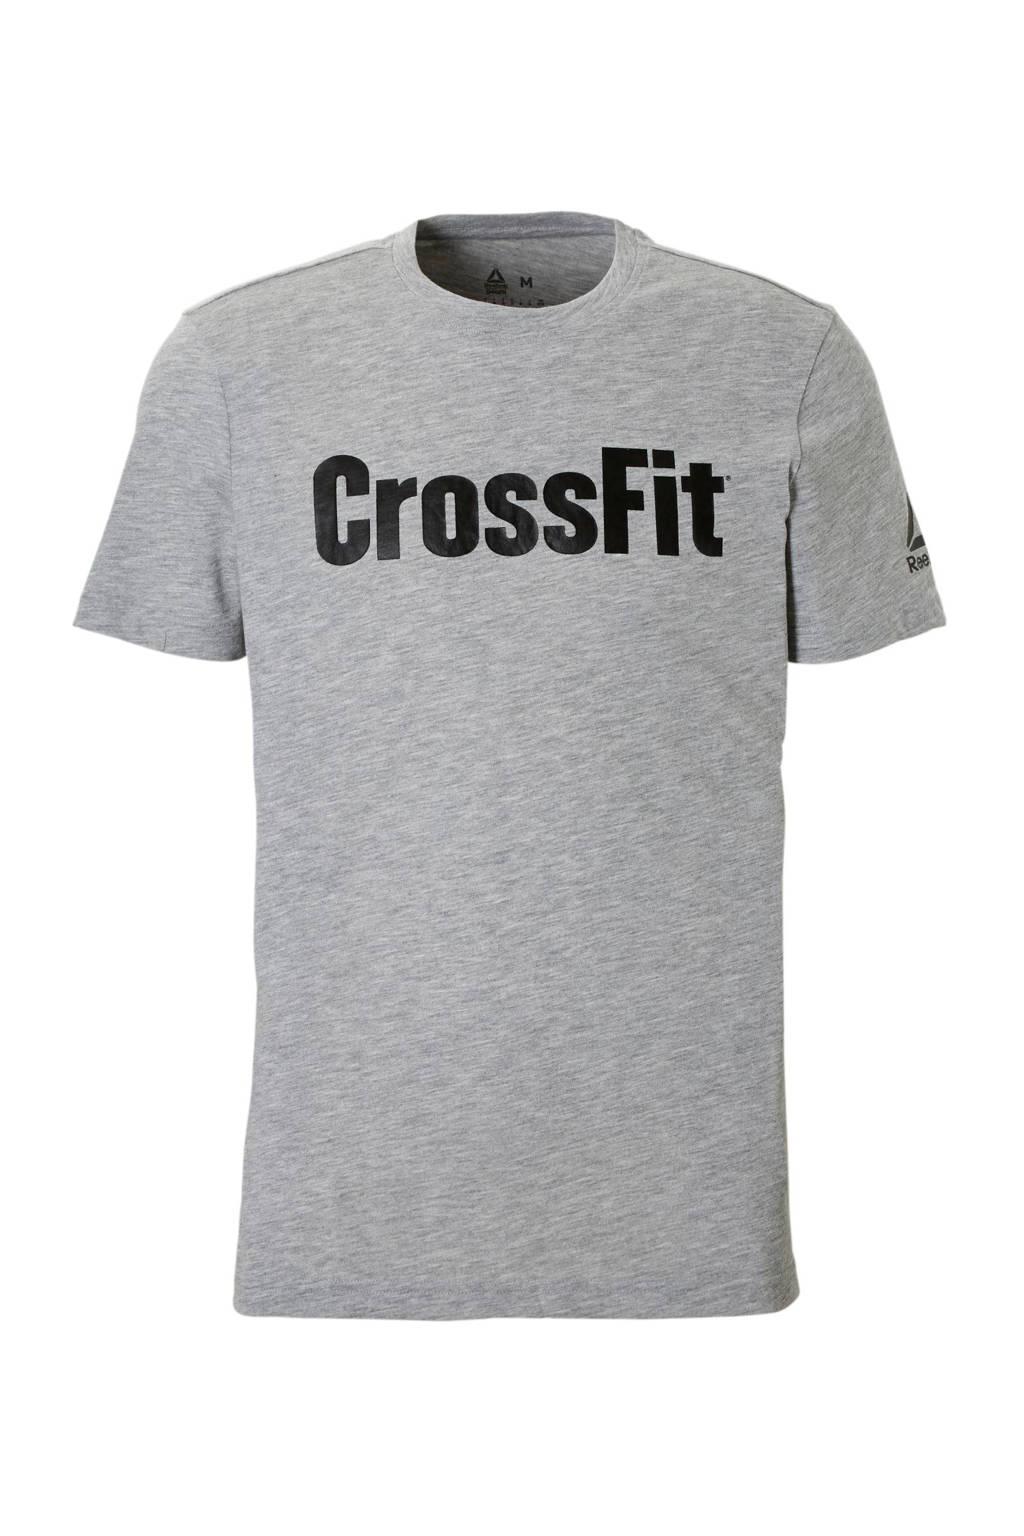 Reebok   CrossFit sport T-shirt grijs, Grijs/zwart